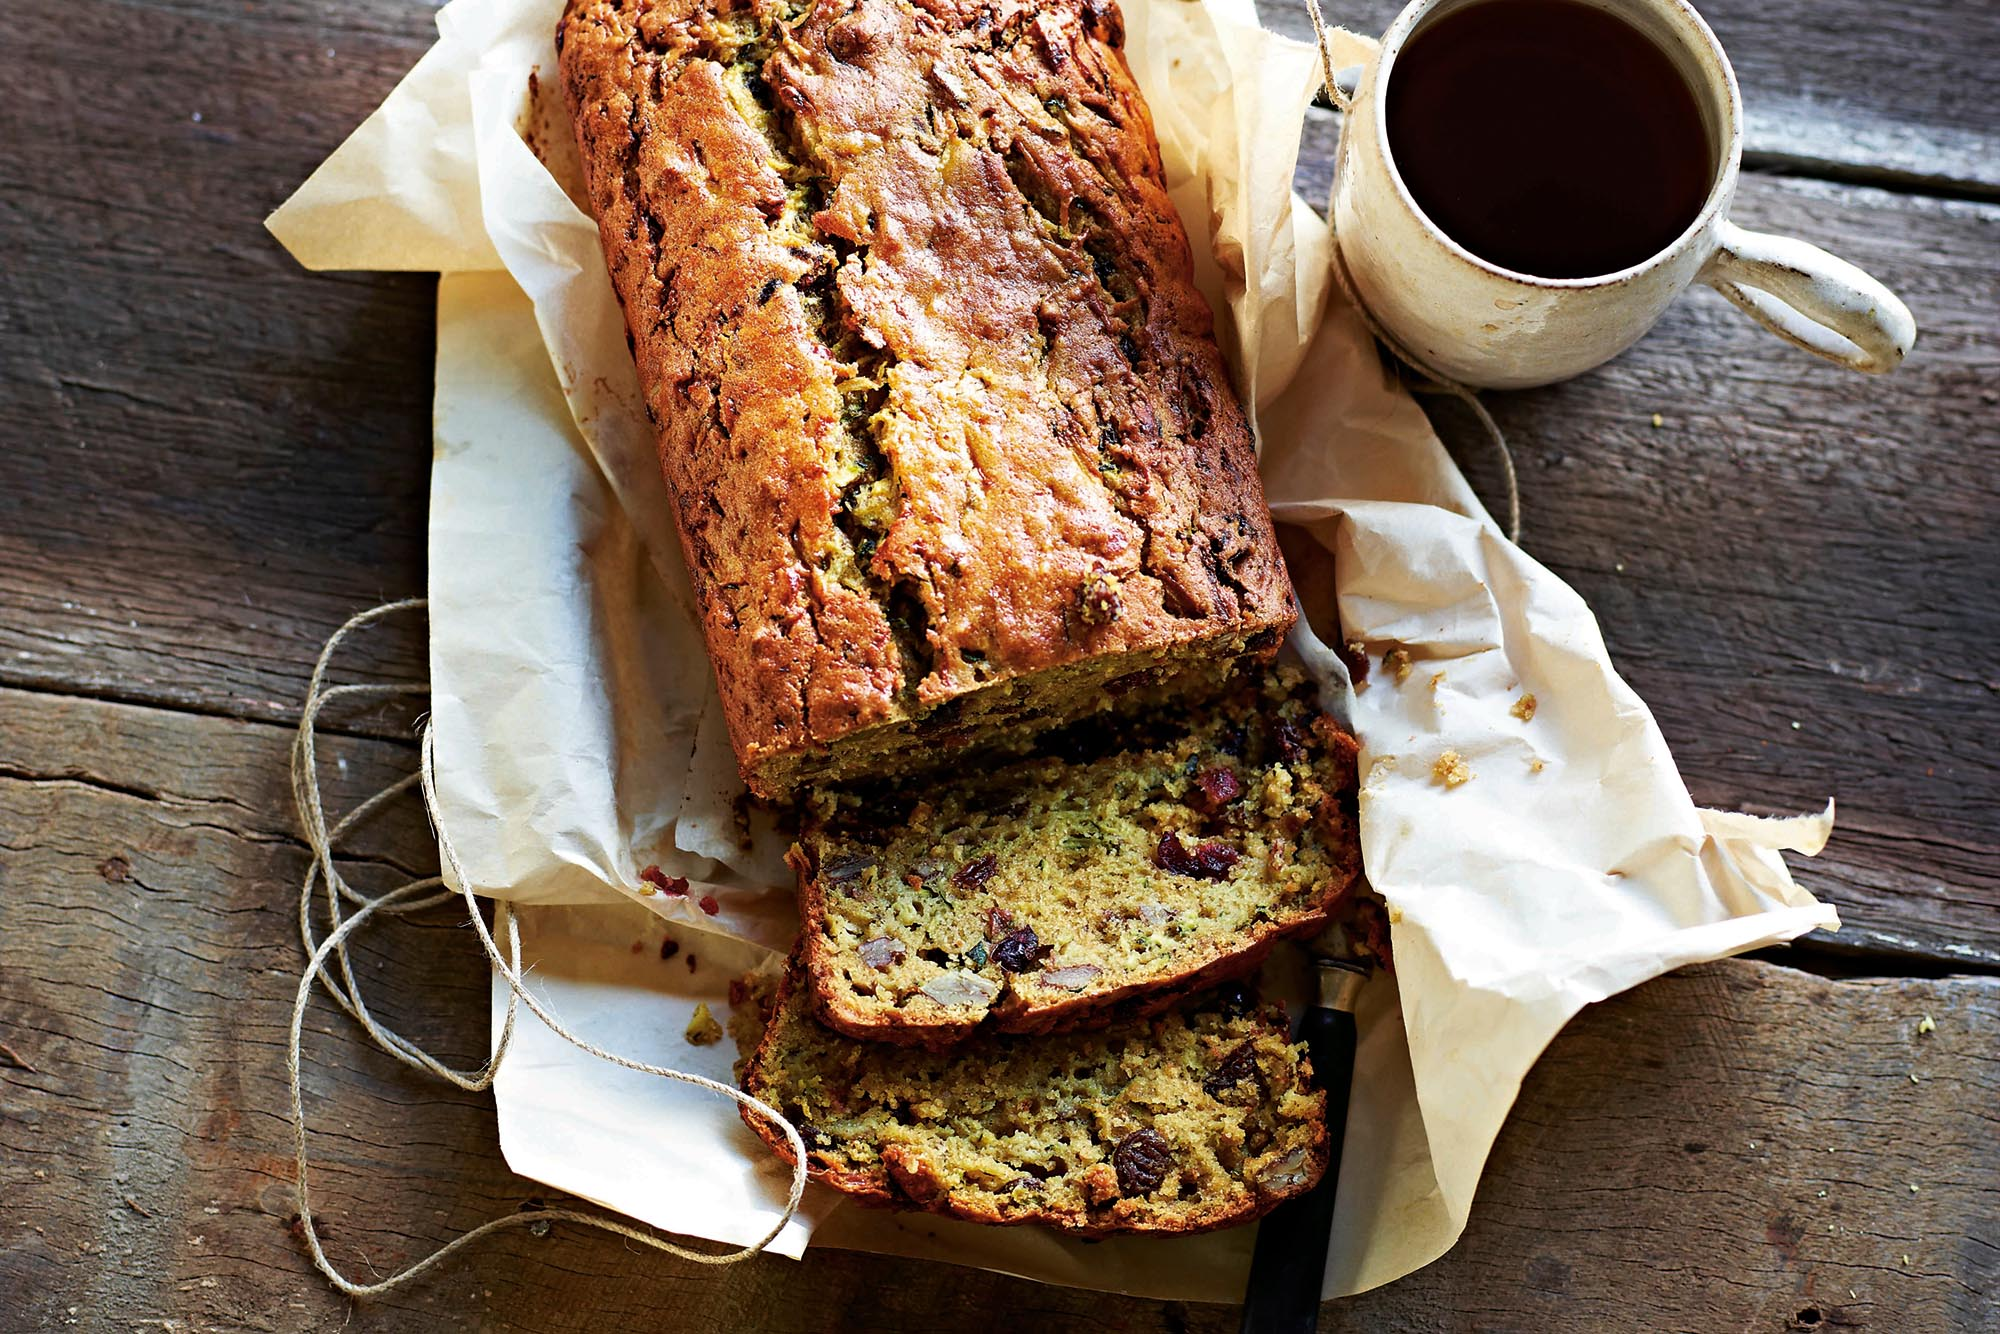 byron bay nutritionist chrissy freer zucchini loaf recipe